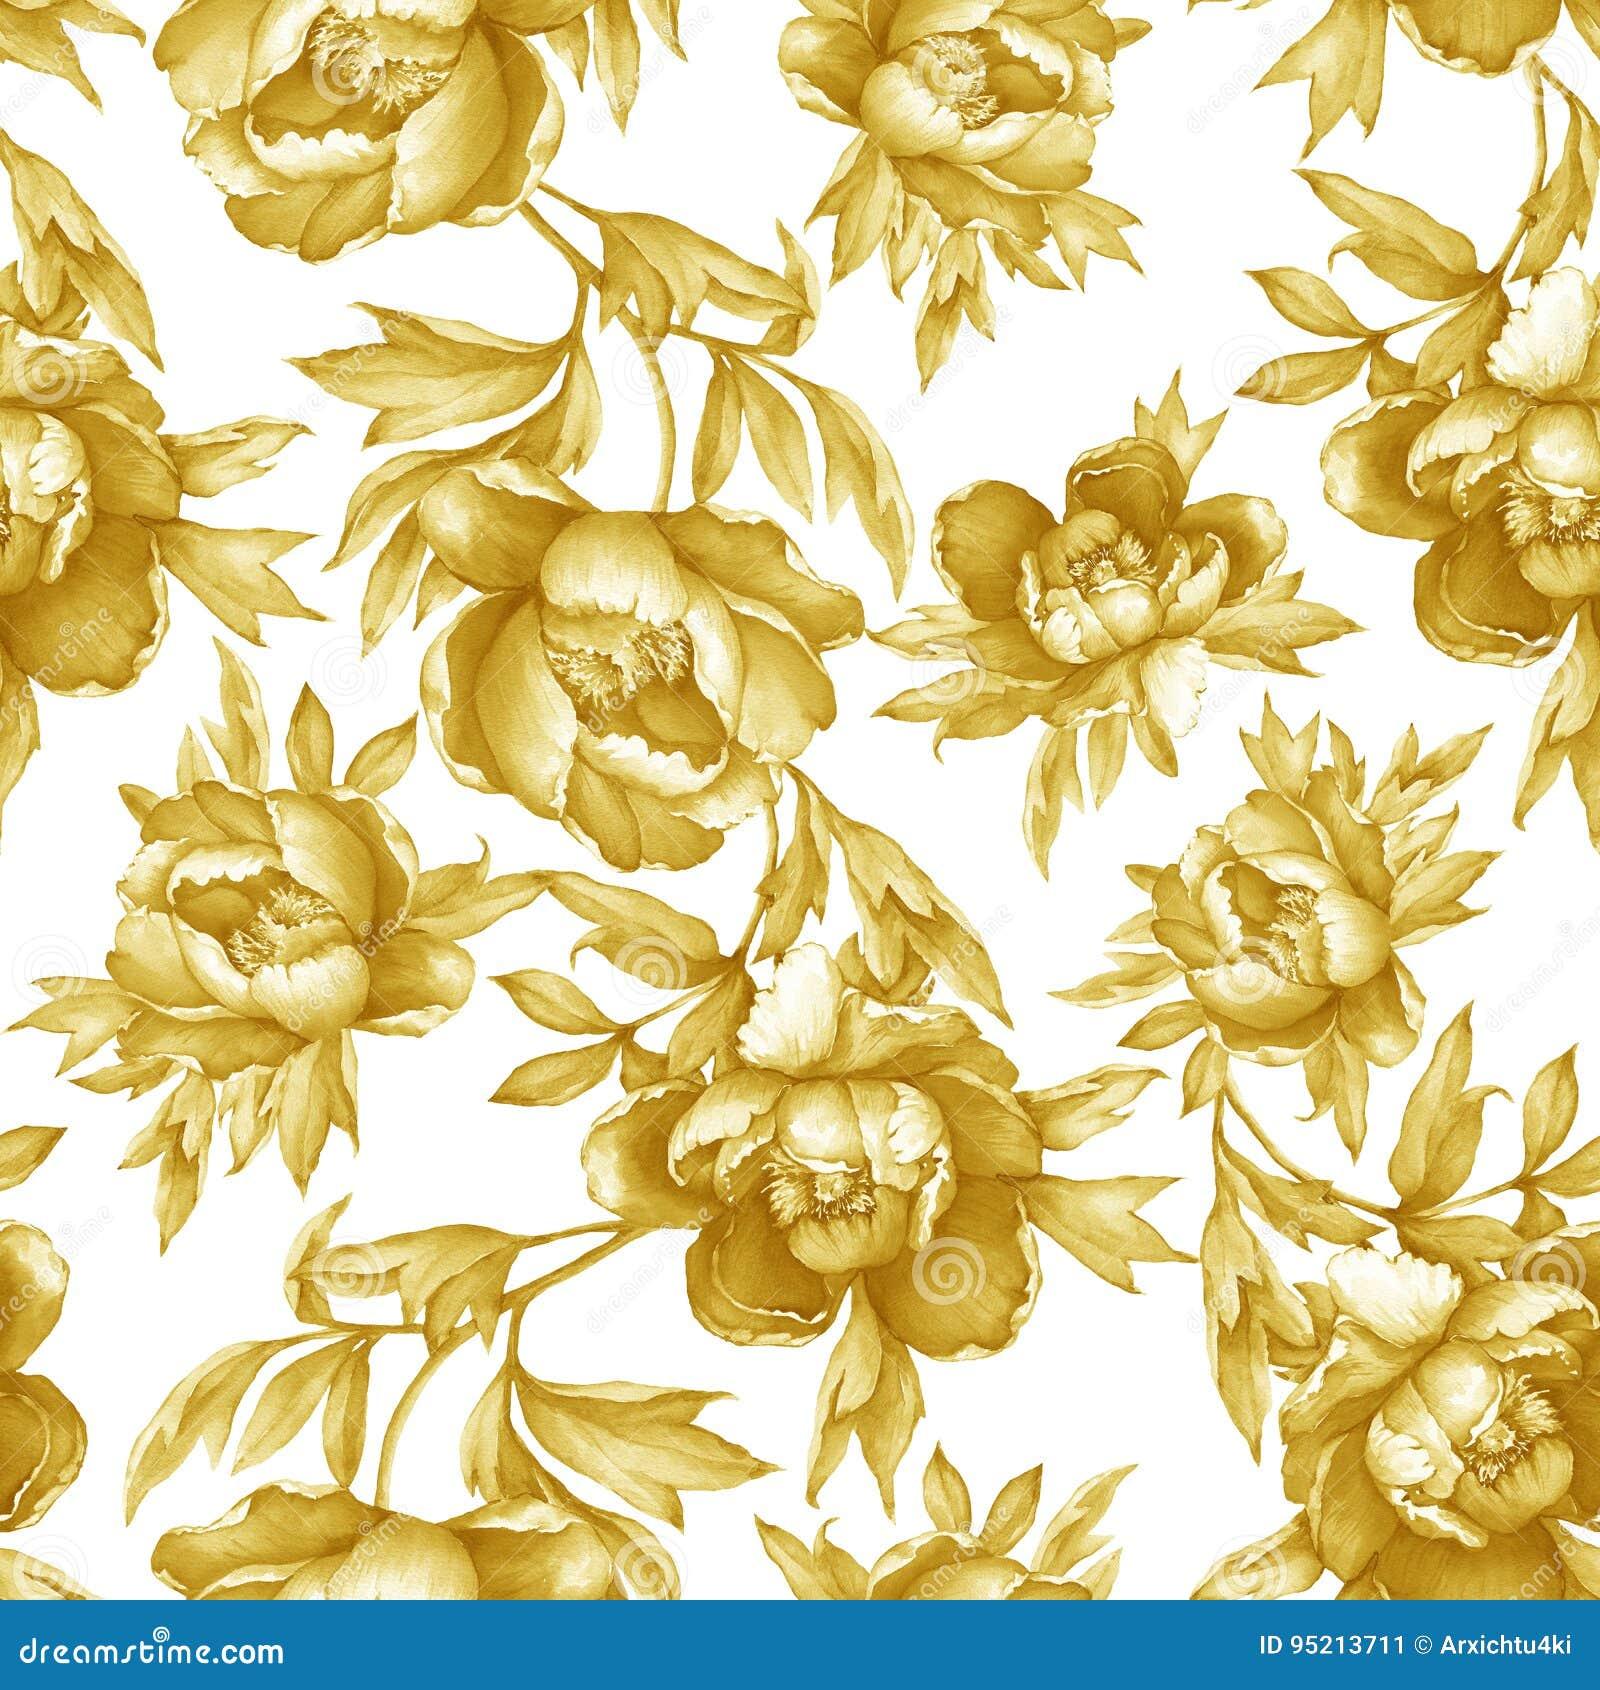 Εκλεκτής ποιότητας floral άνευ ραφής κίτρινο μονοχρωματικό σχέδιο με το άνθισμα peonies, στο άσπρο υπόβαθρο